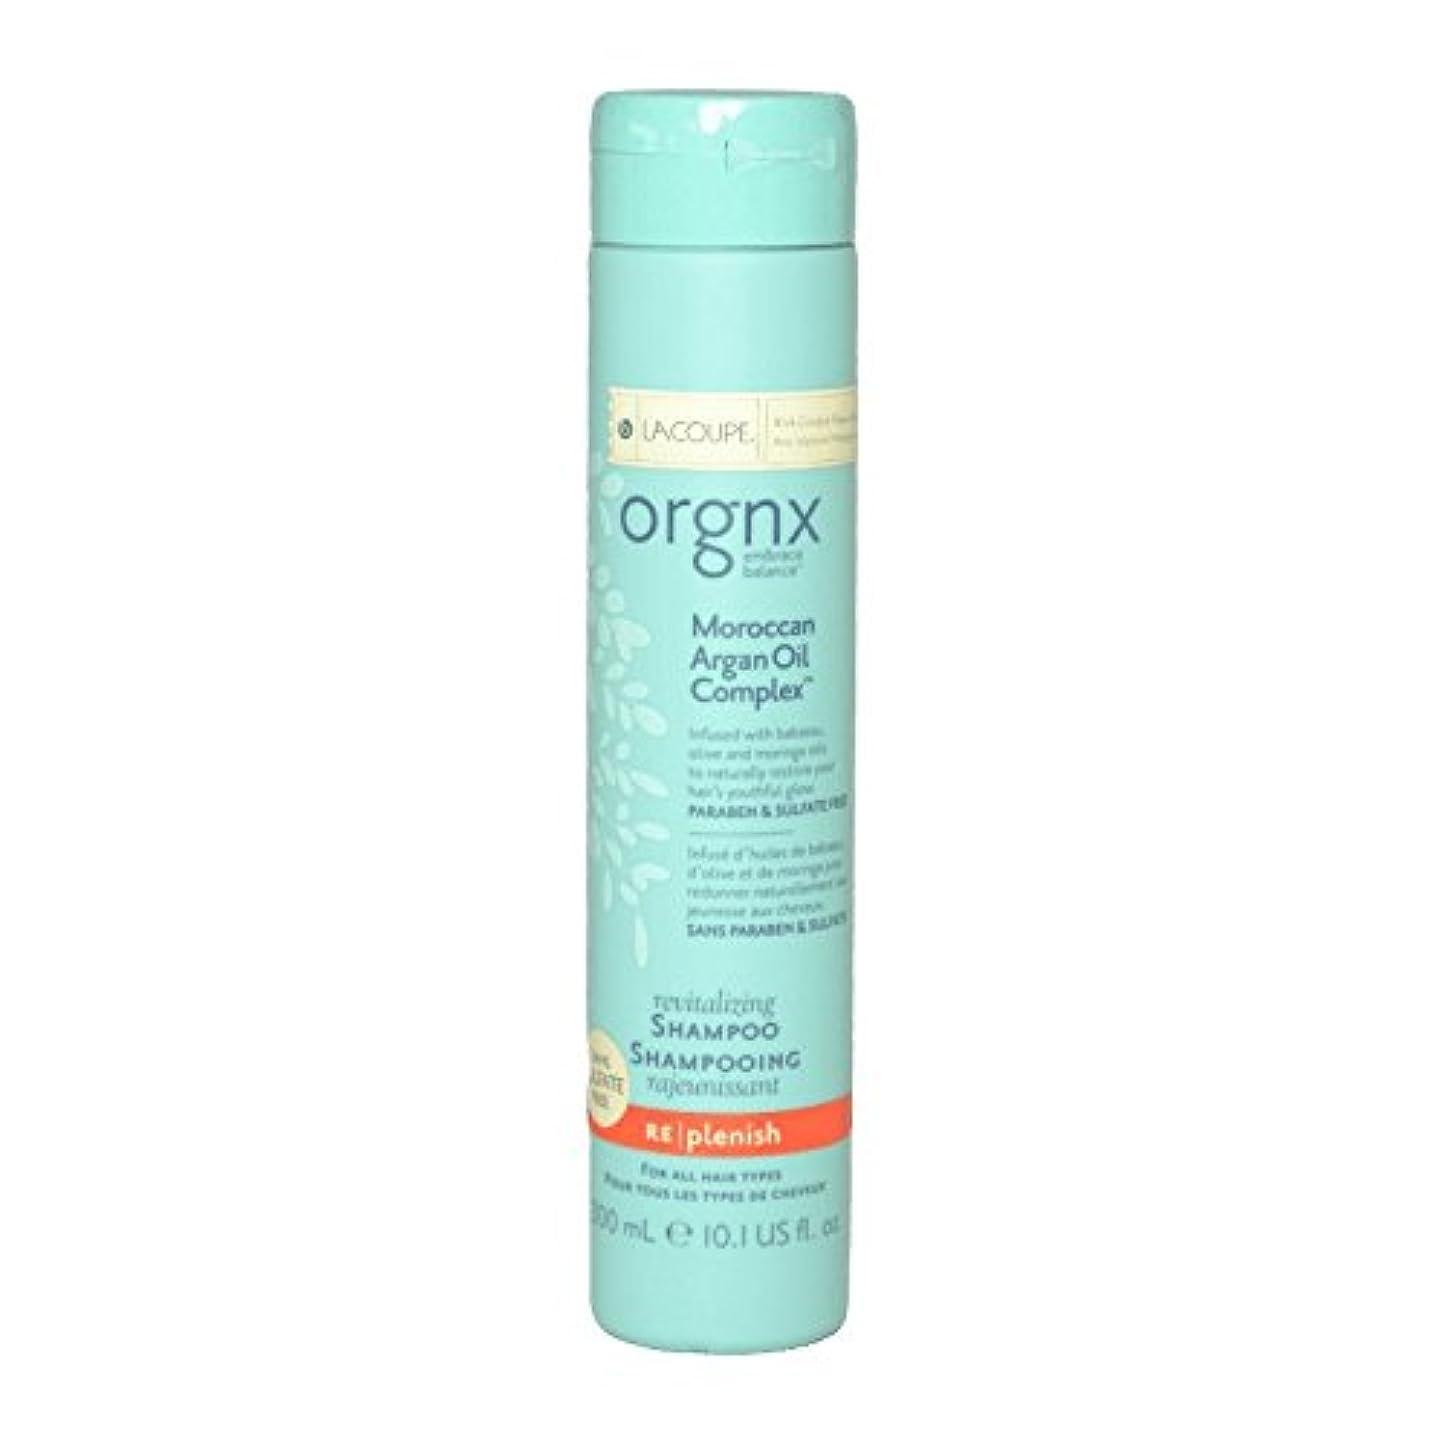 スチュアート島切断する服を片付けるLaCoupe Orgnx Argan Oil Complex Revitalising Shampoo 300ml (Pack of 6) - Lacoupe Orgnxアルガンオイルの複雑なリバイタライジングシャンプー300ミリリットル (x6) [並行輸入品]